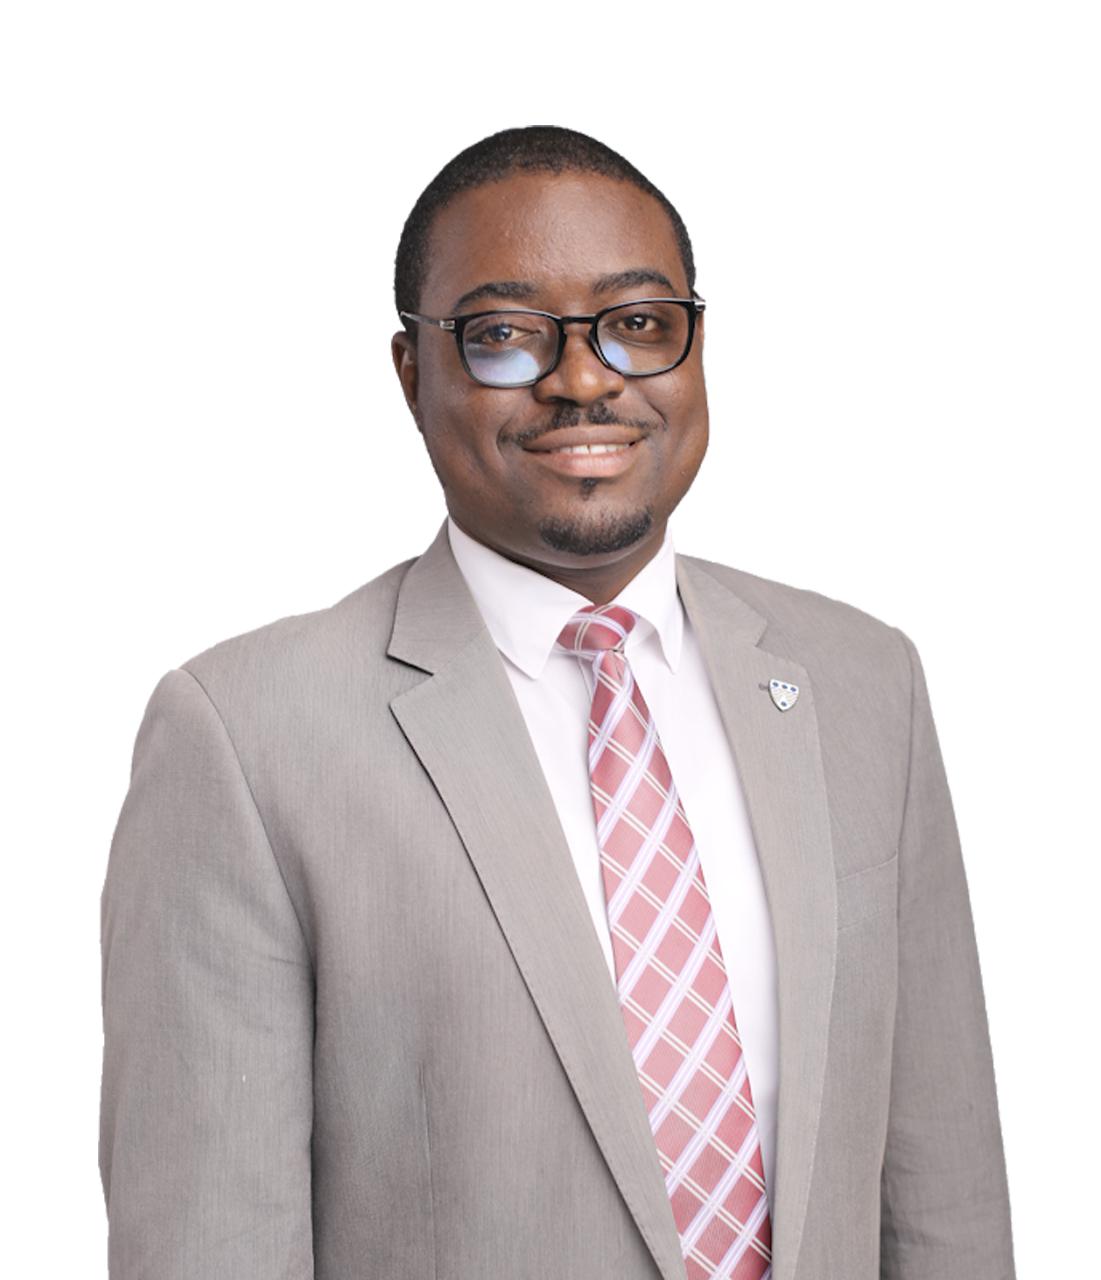 Mr. Anthony Okoeguale